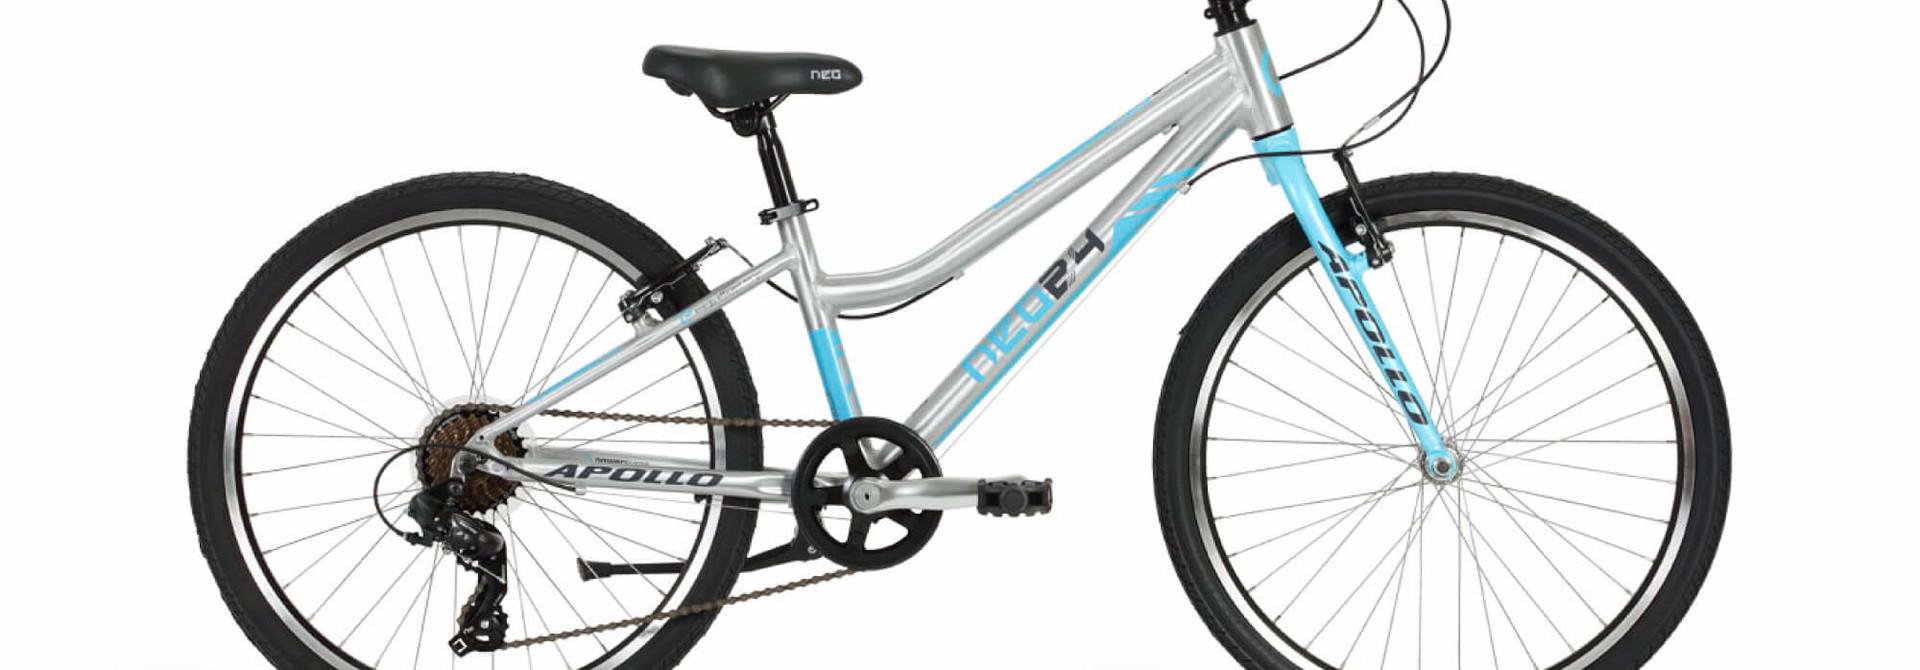 Girls Bike 24